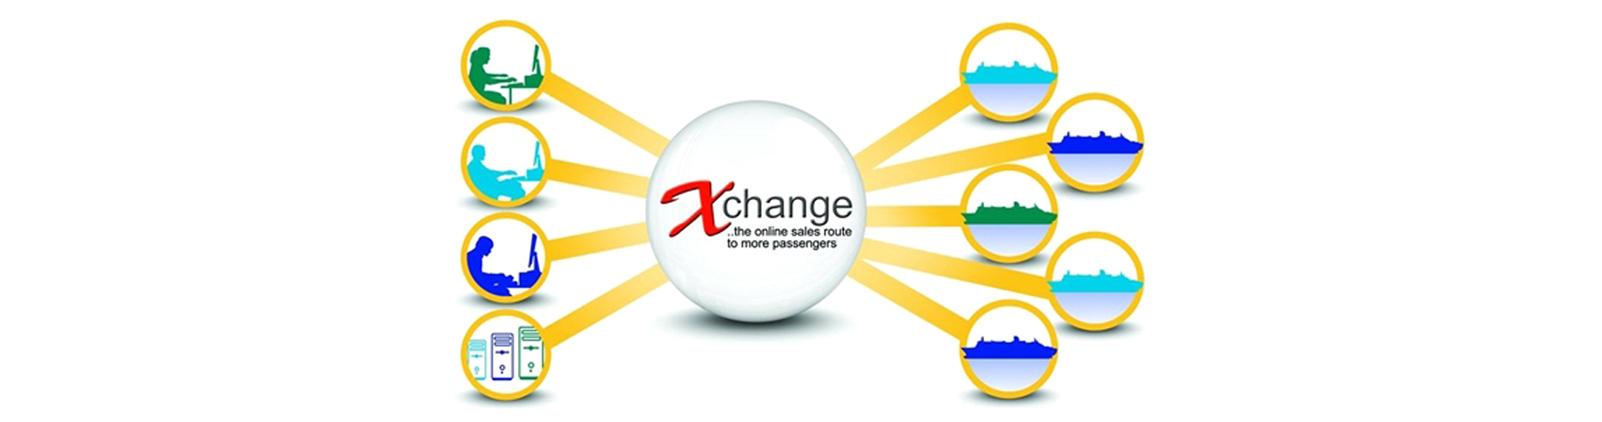 Gro#xDFe #xC4nderungen im Kreuzfahrtvertrieb werfen ihre Schatten voraus - Erstanwender werden die Sieger sein